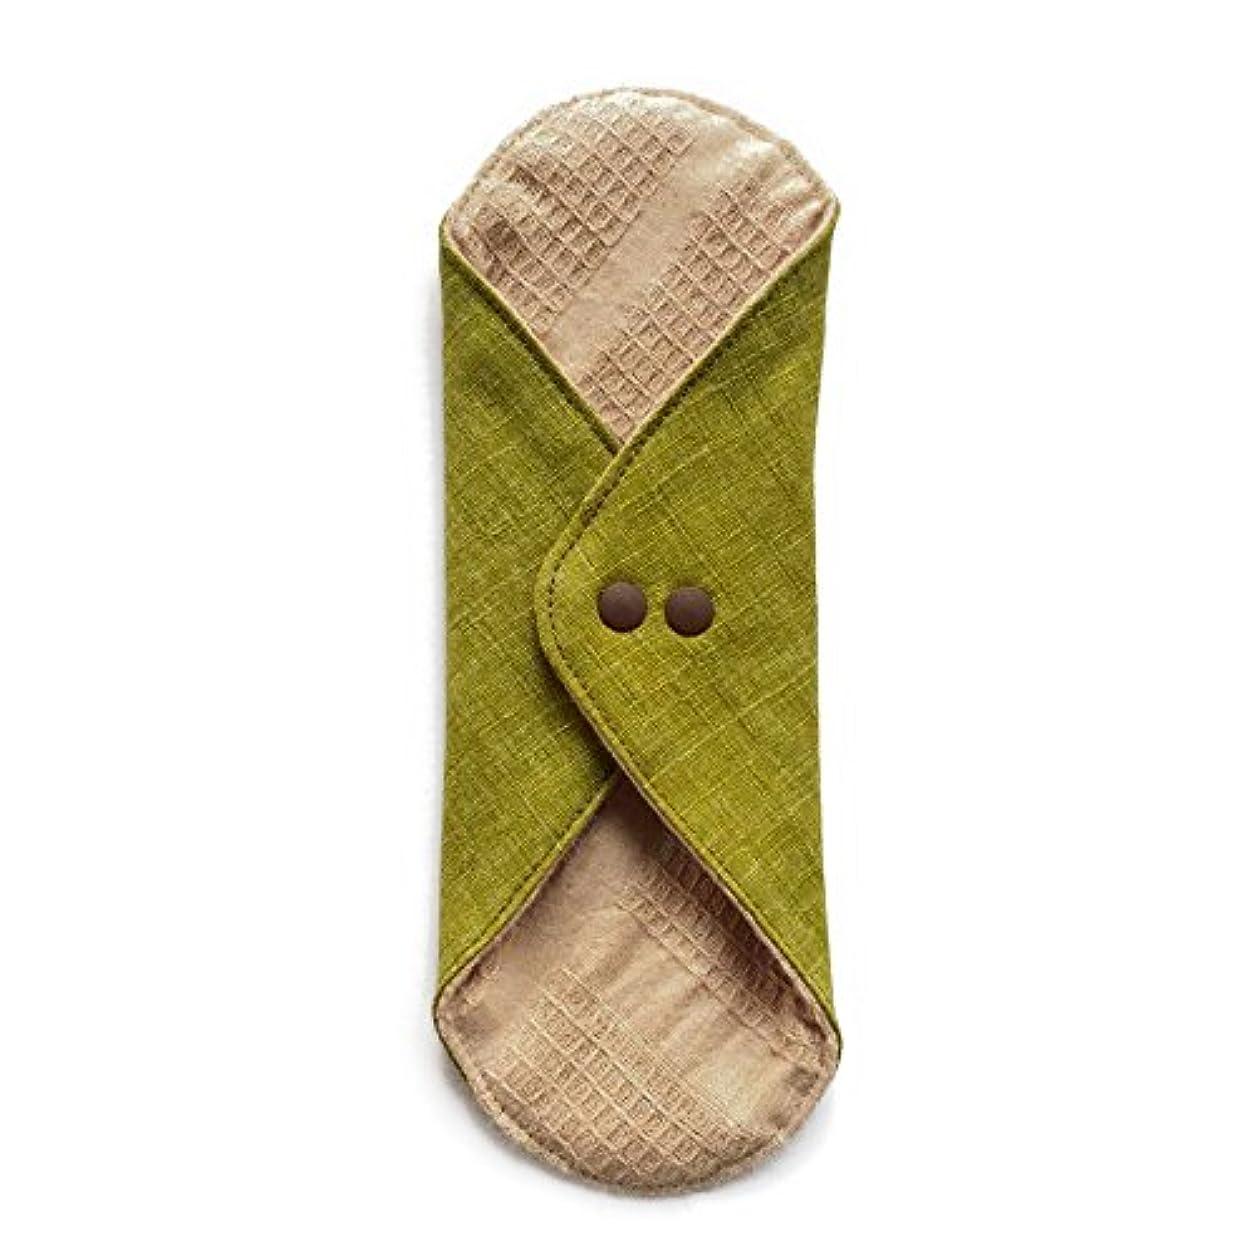 ホストピークしないでください華布のオーガニックコットンのあたため布 Lサイズ (約18×約20.5×約0.5cm) 彩り(抹茶)